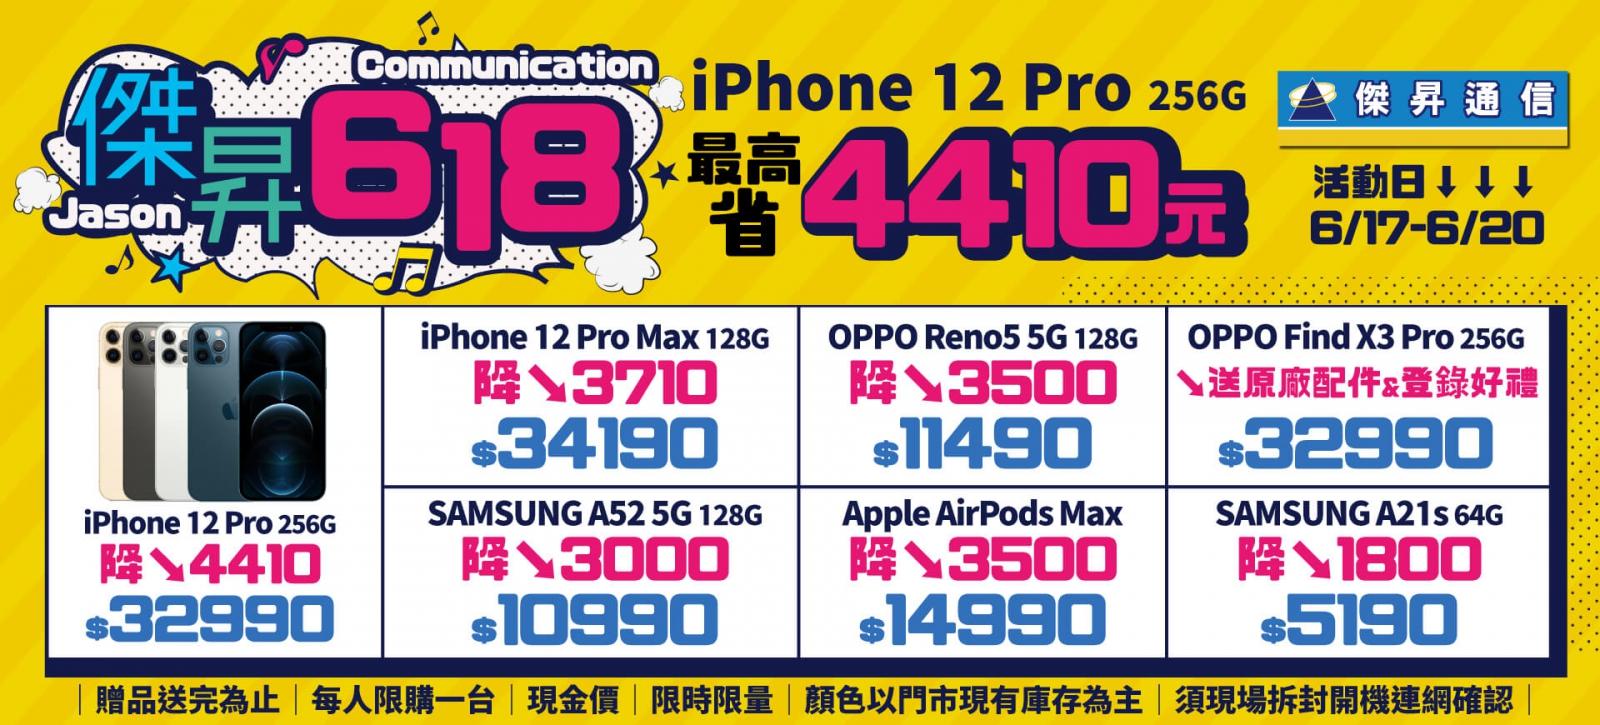 傑昇618!! iPhone 12 Pro 256G最高省4410元